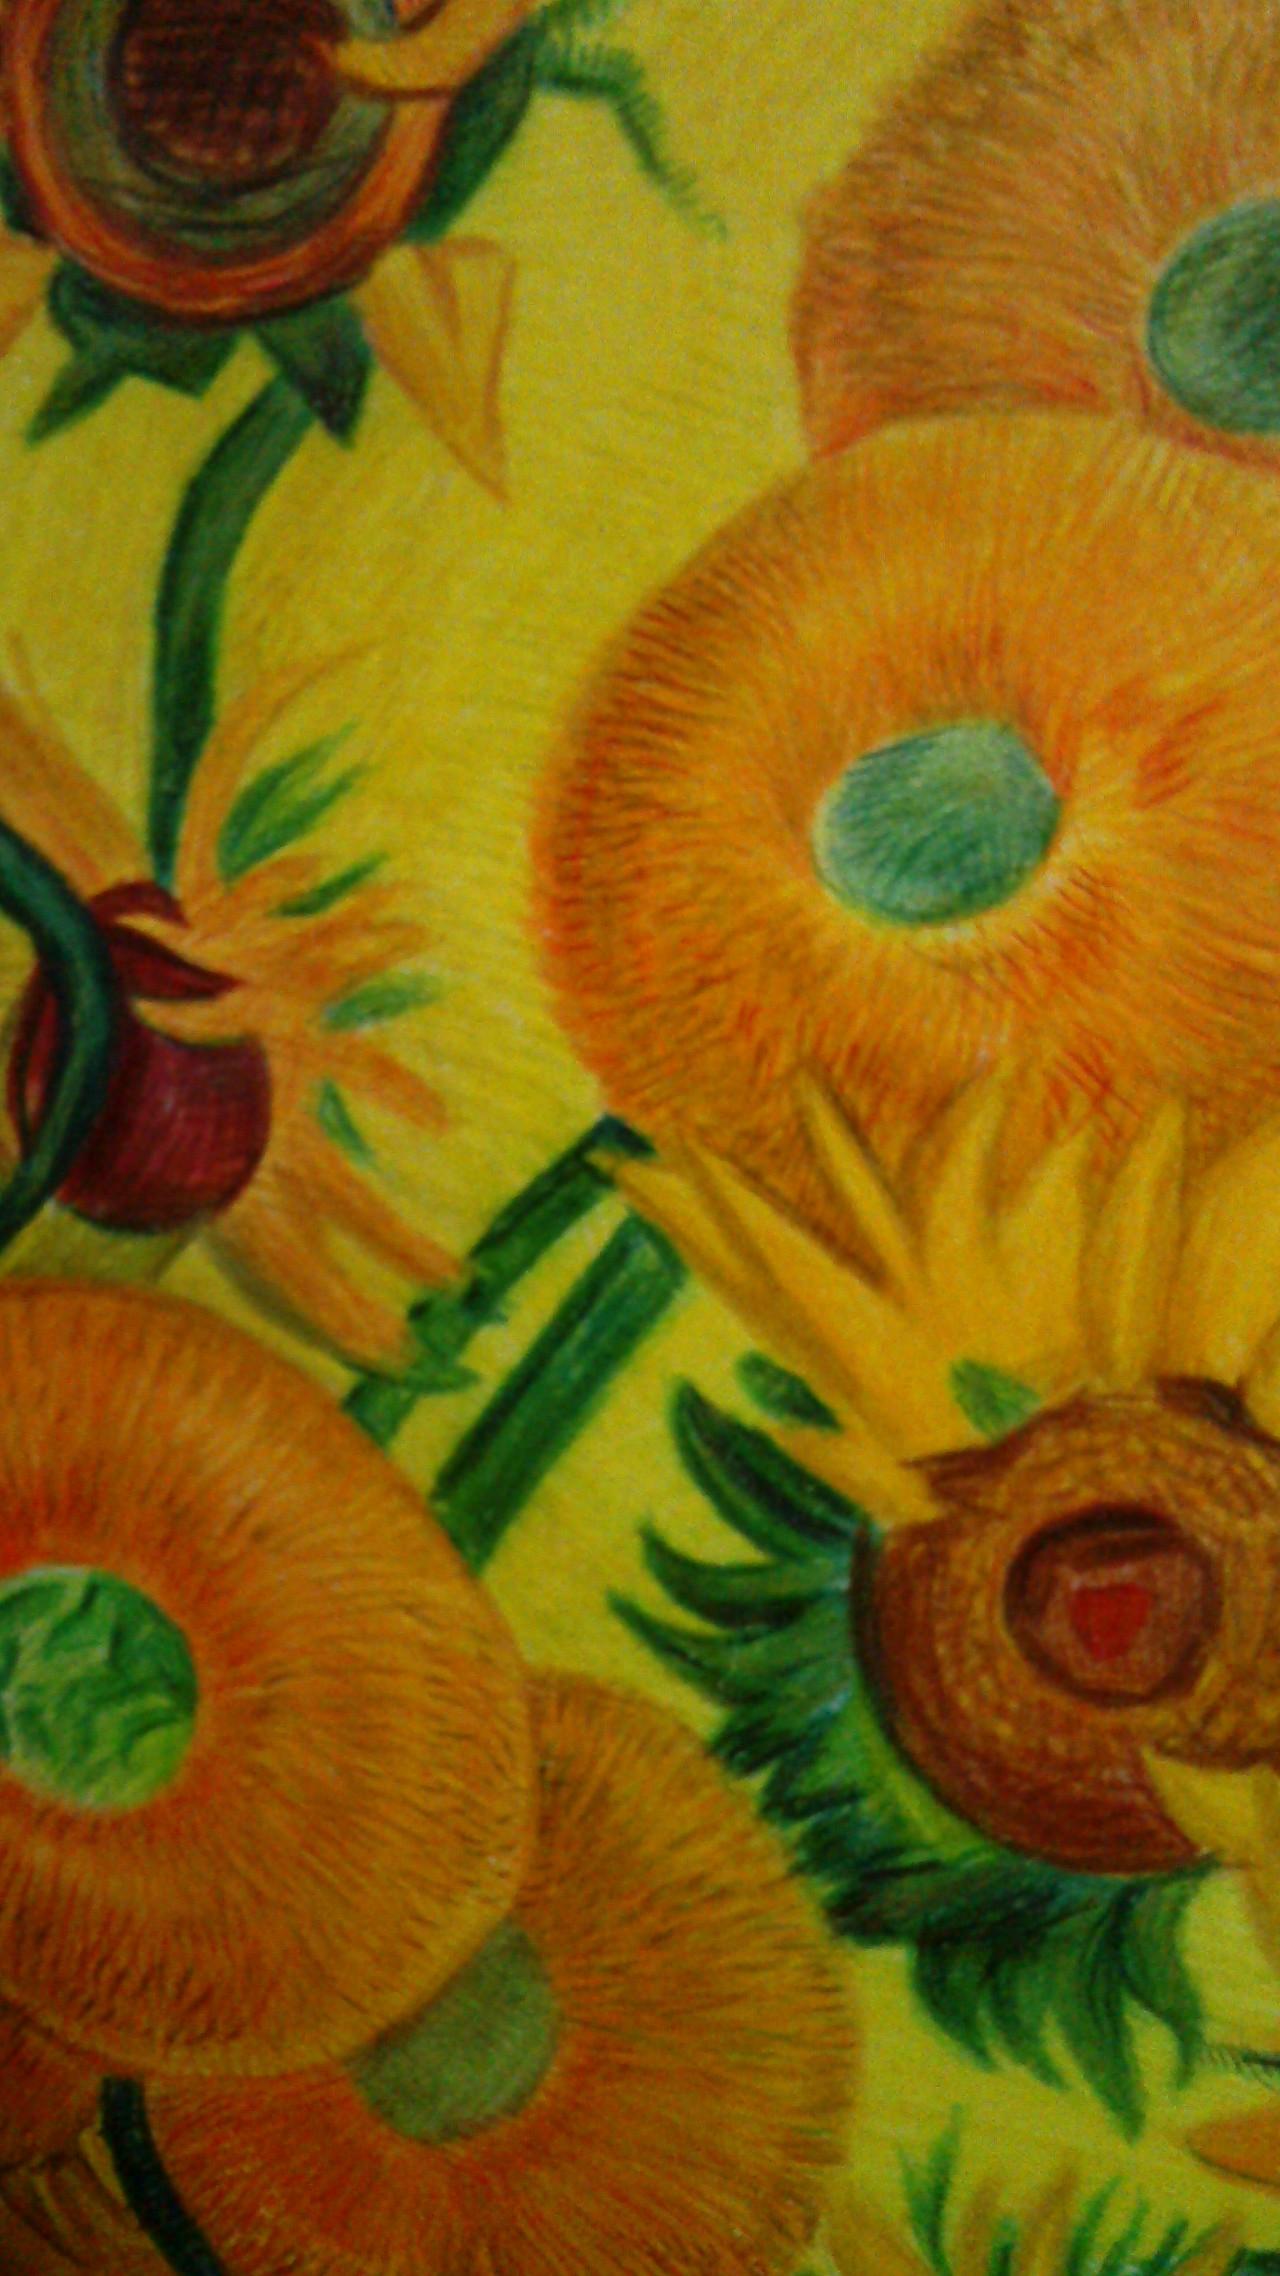 彩铅临摹梵高十五朵向日葵~|纯艺术|彩铅|叶汉要画画